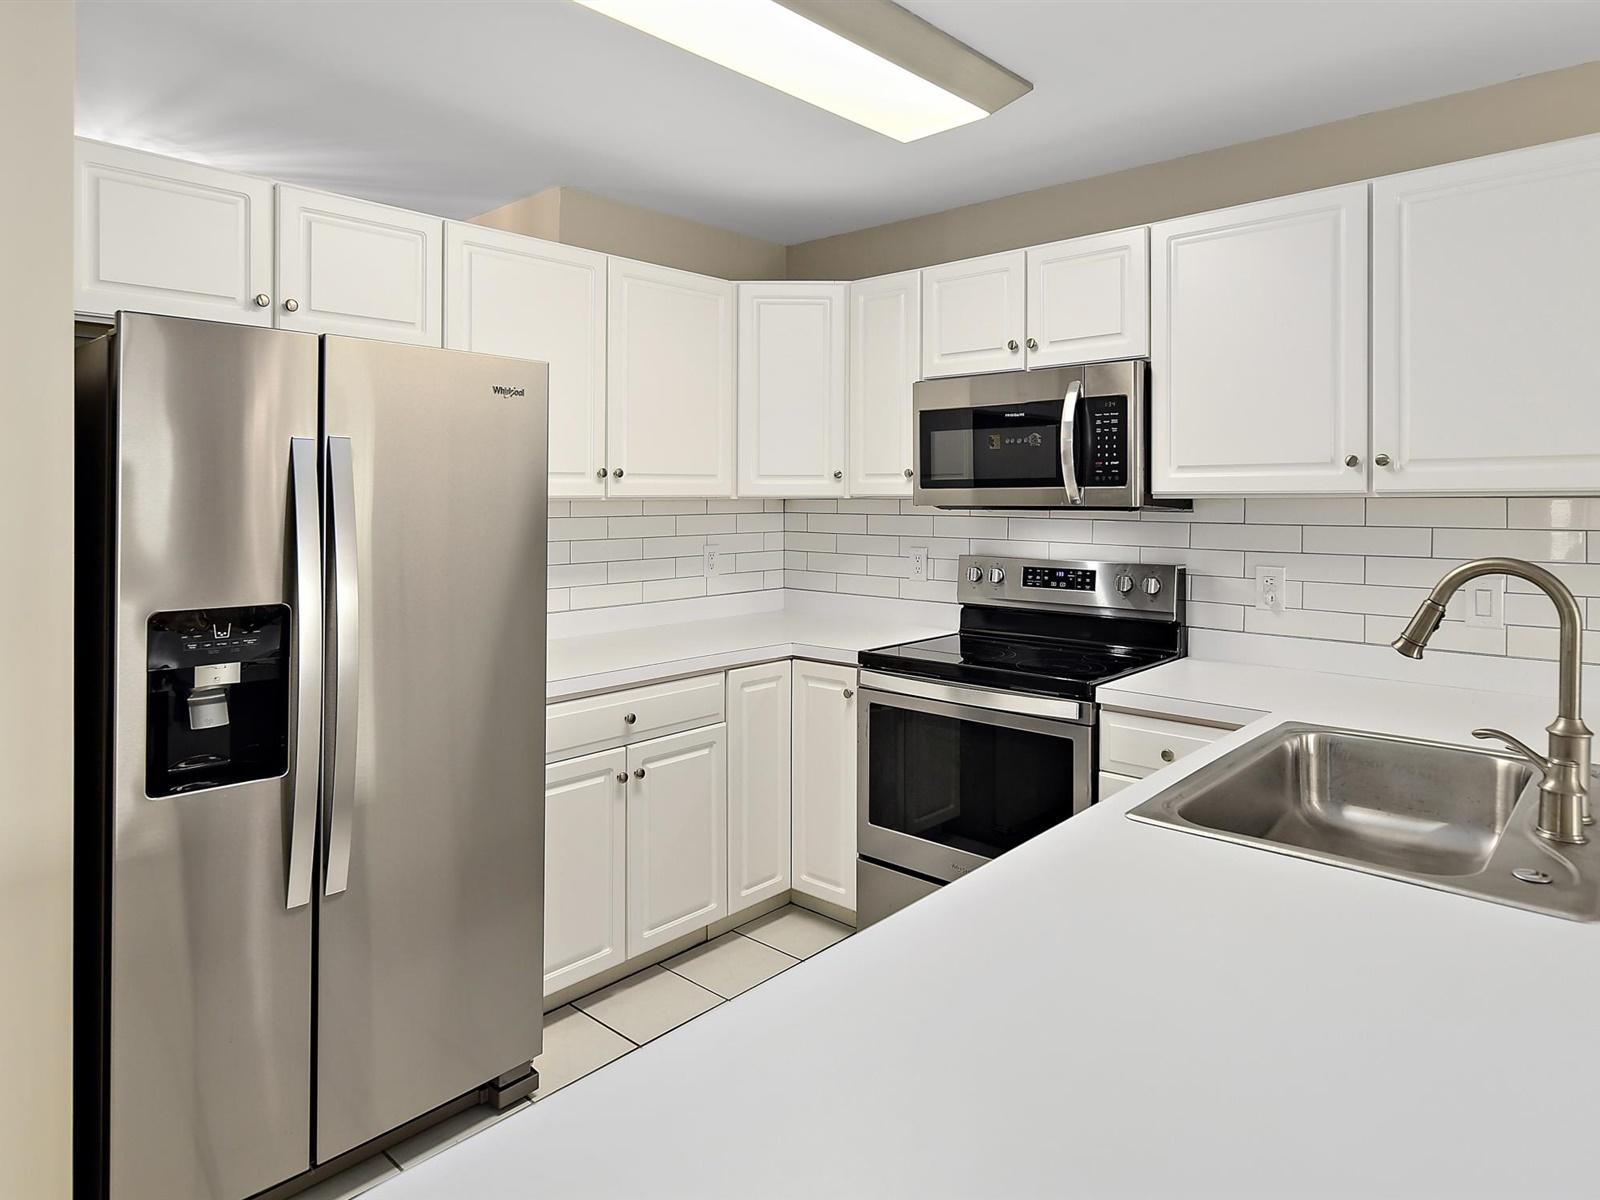 Baywatch III 304A kitchen